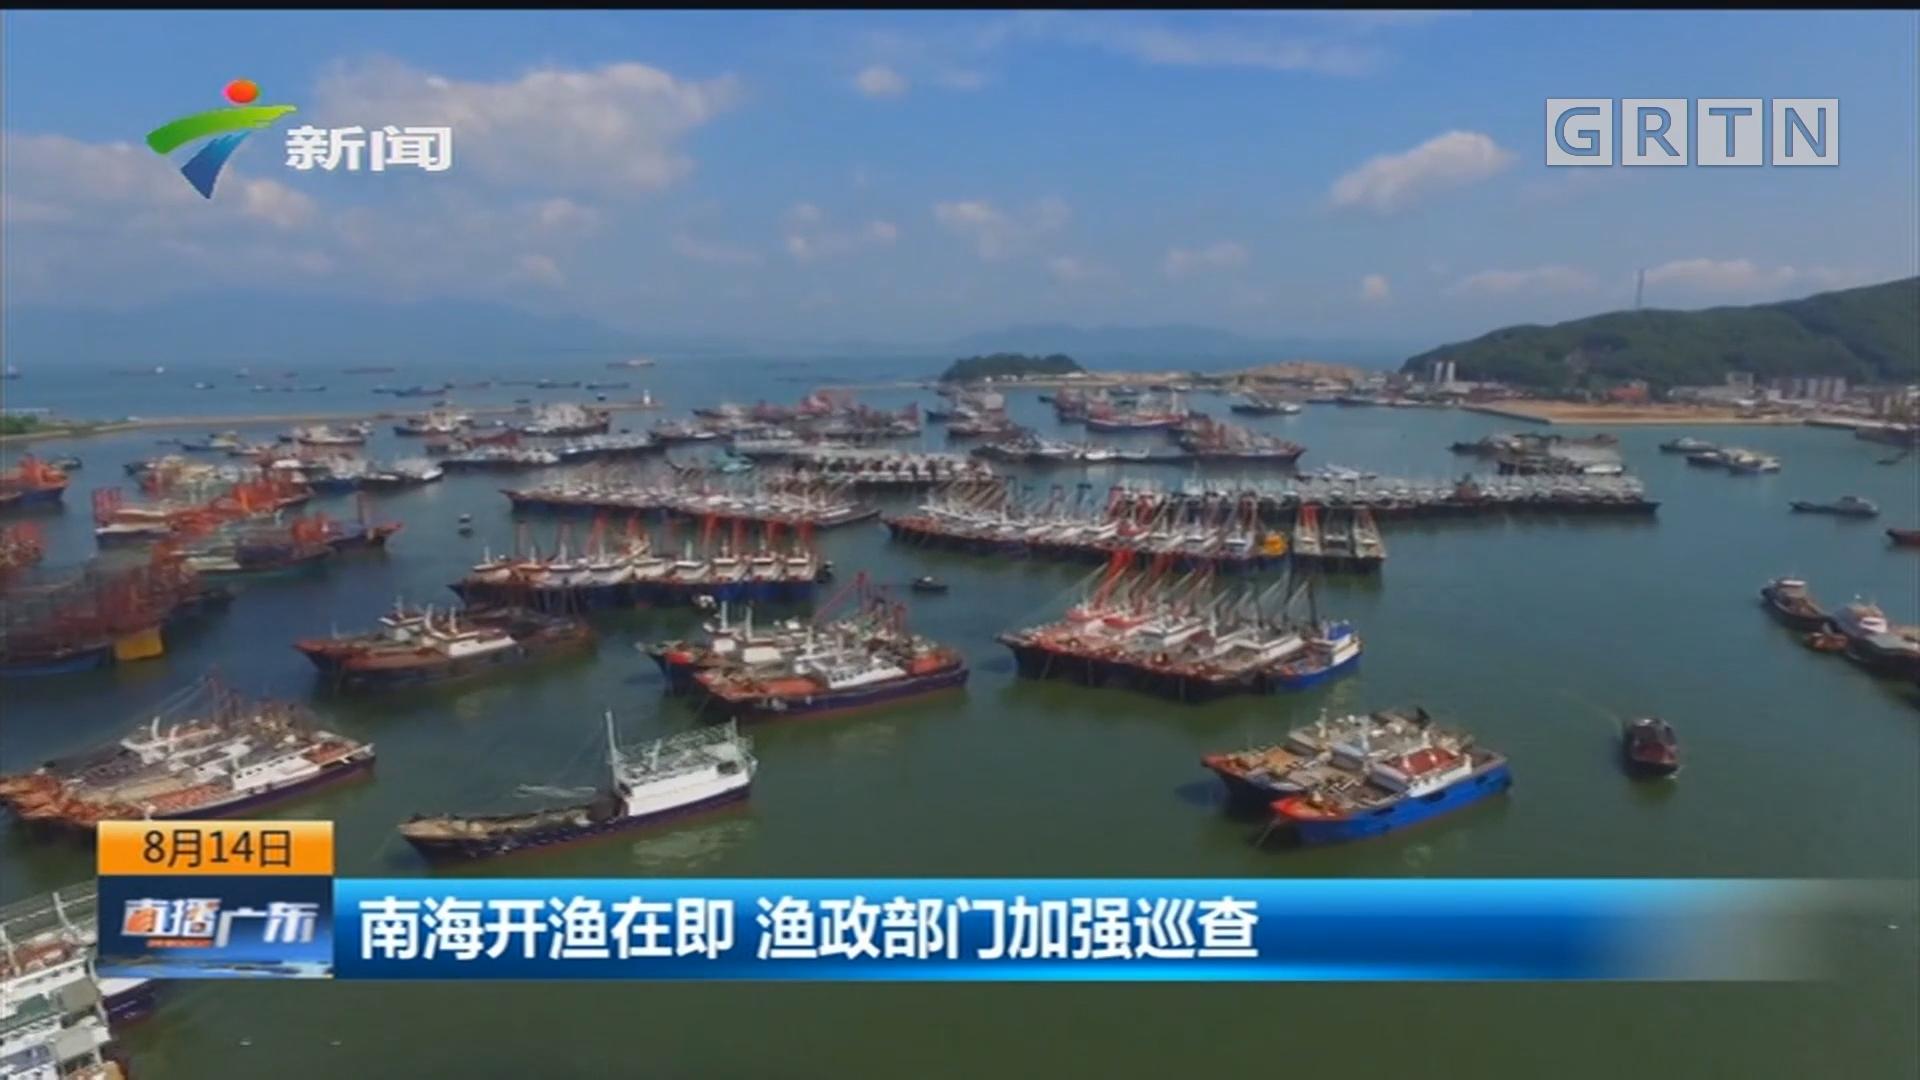 南海开渔在即 渔政部门加强巡查